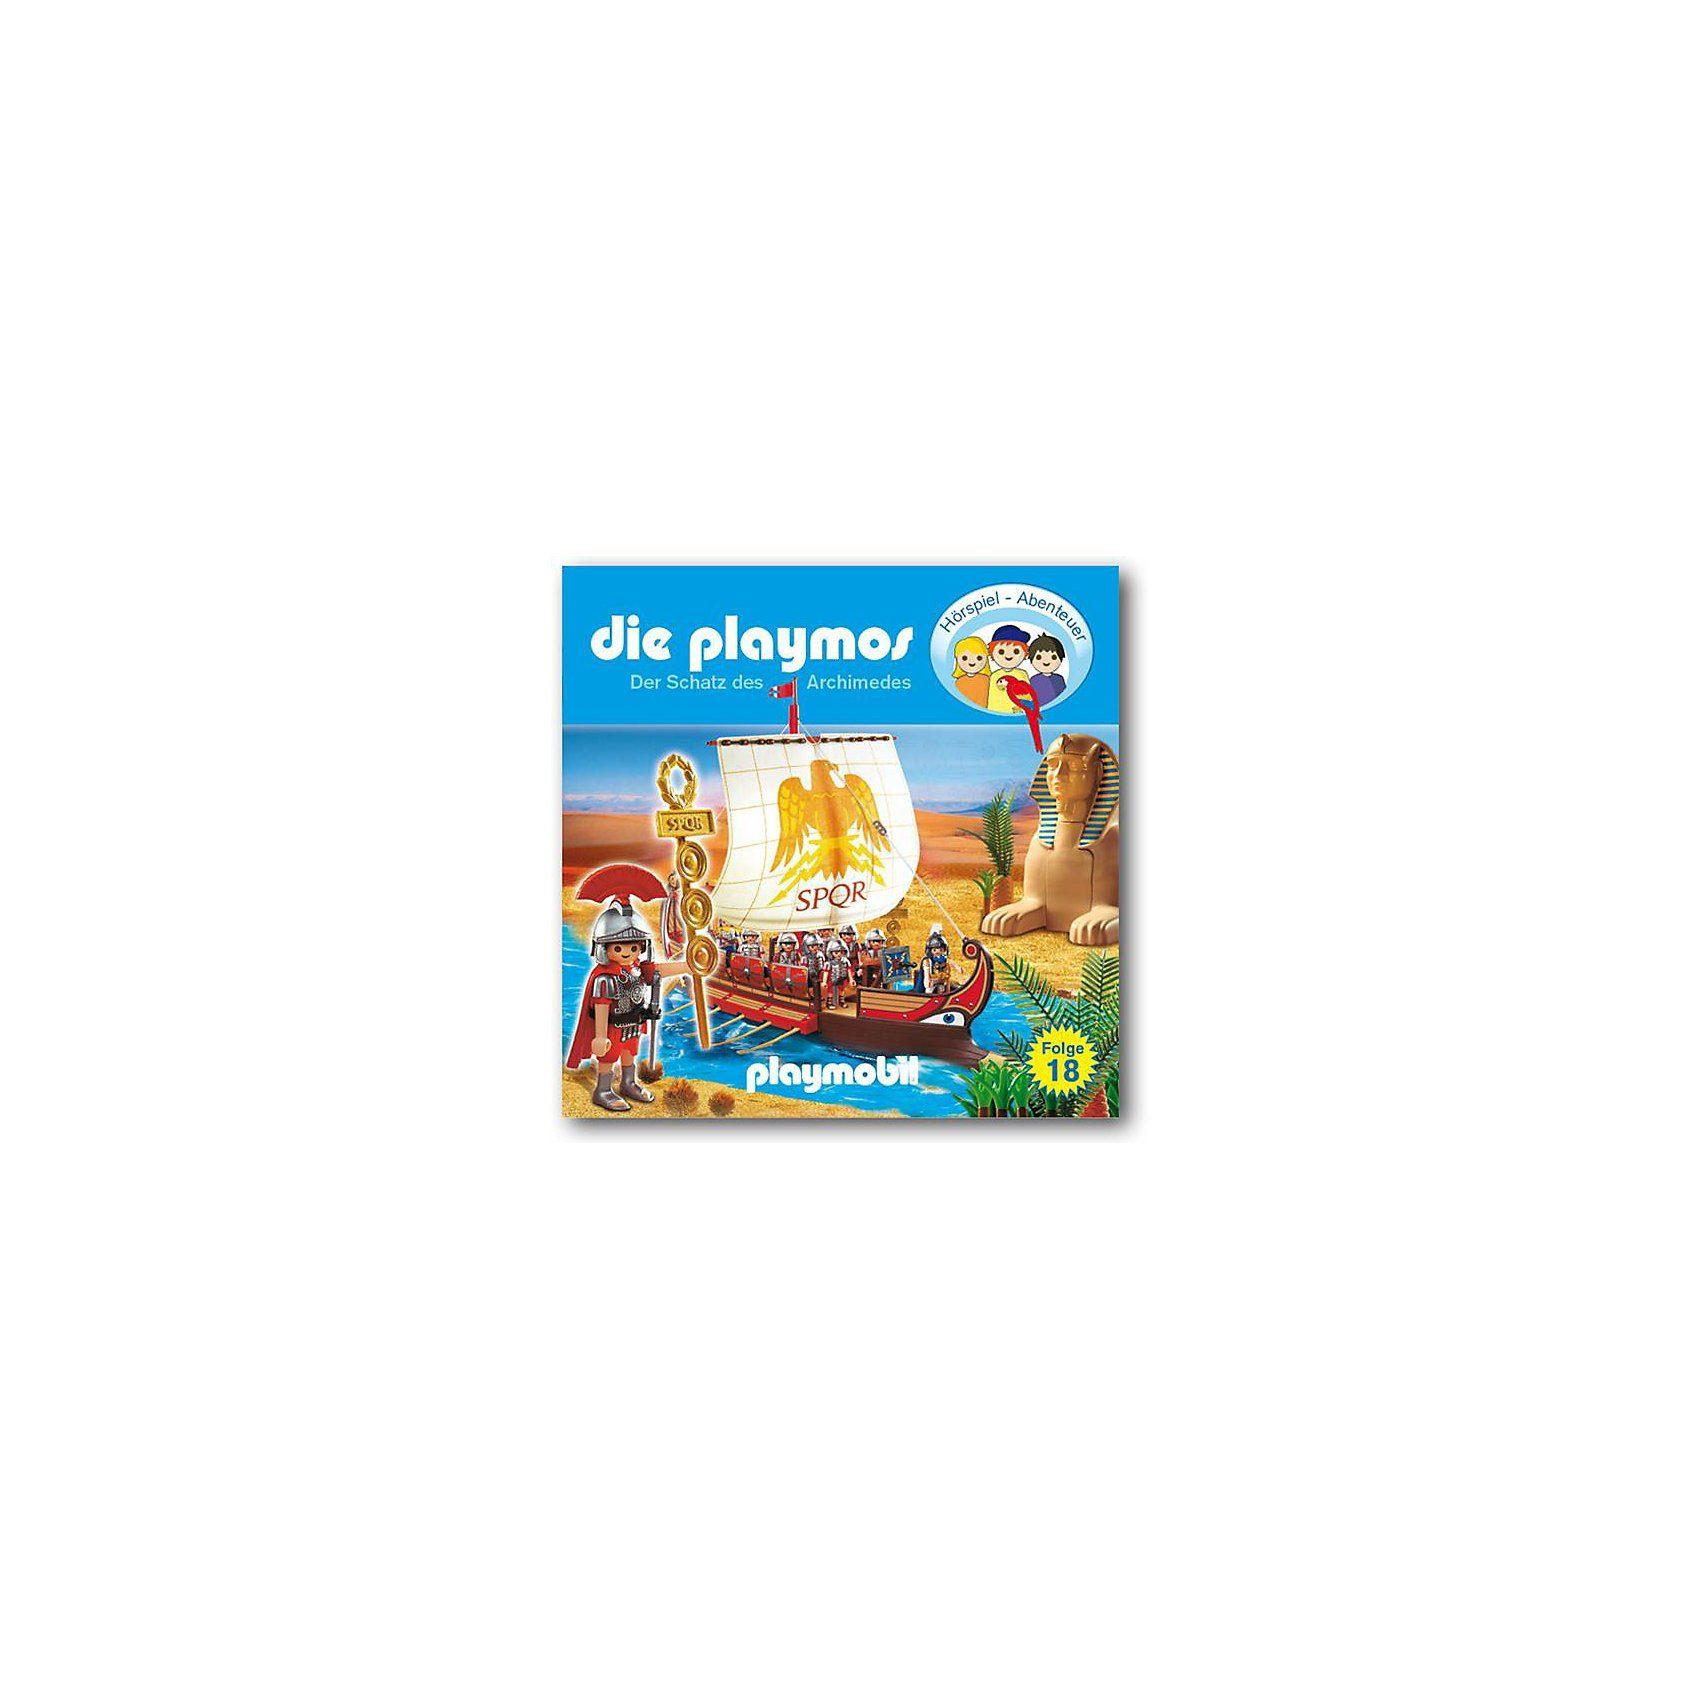 Edel Germany GmbH CD Die Playmos 18 - Der Schatz des Archimedes